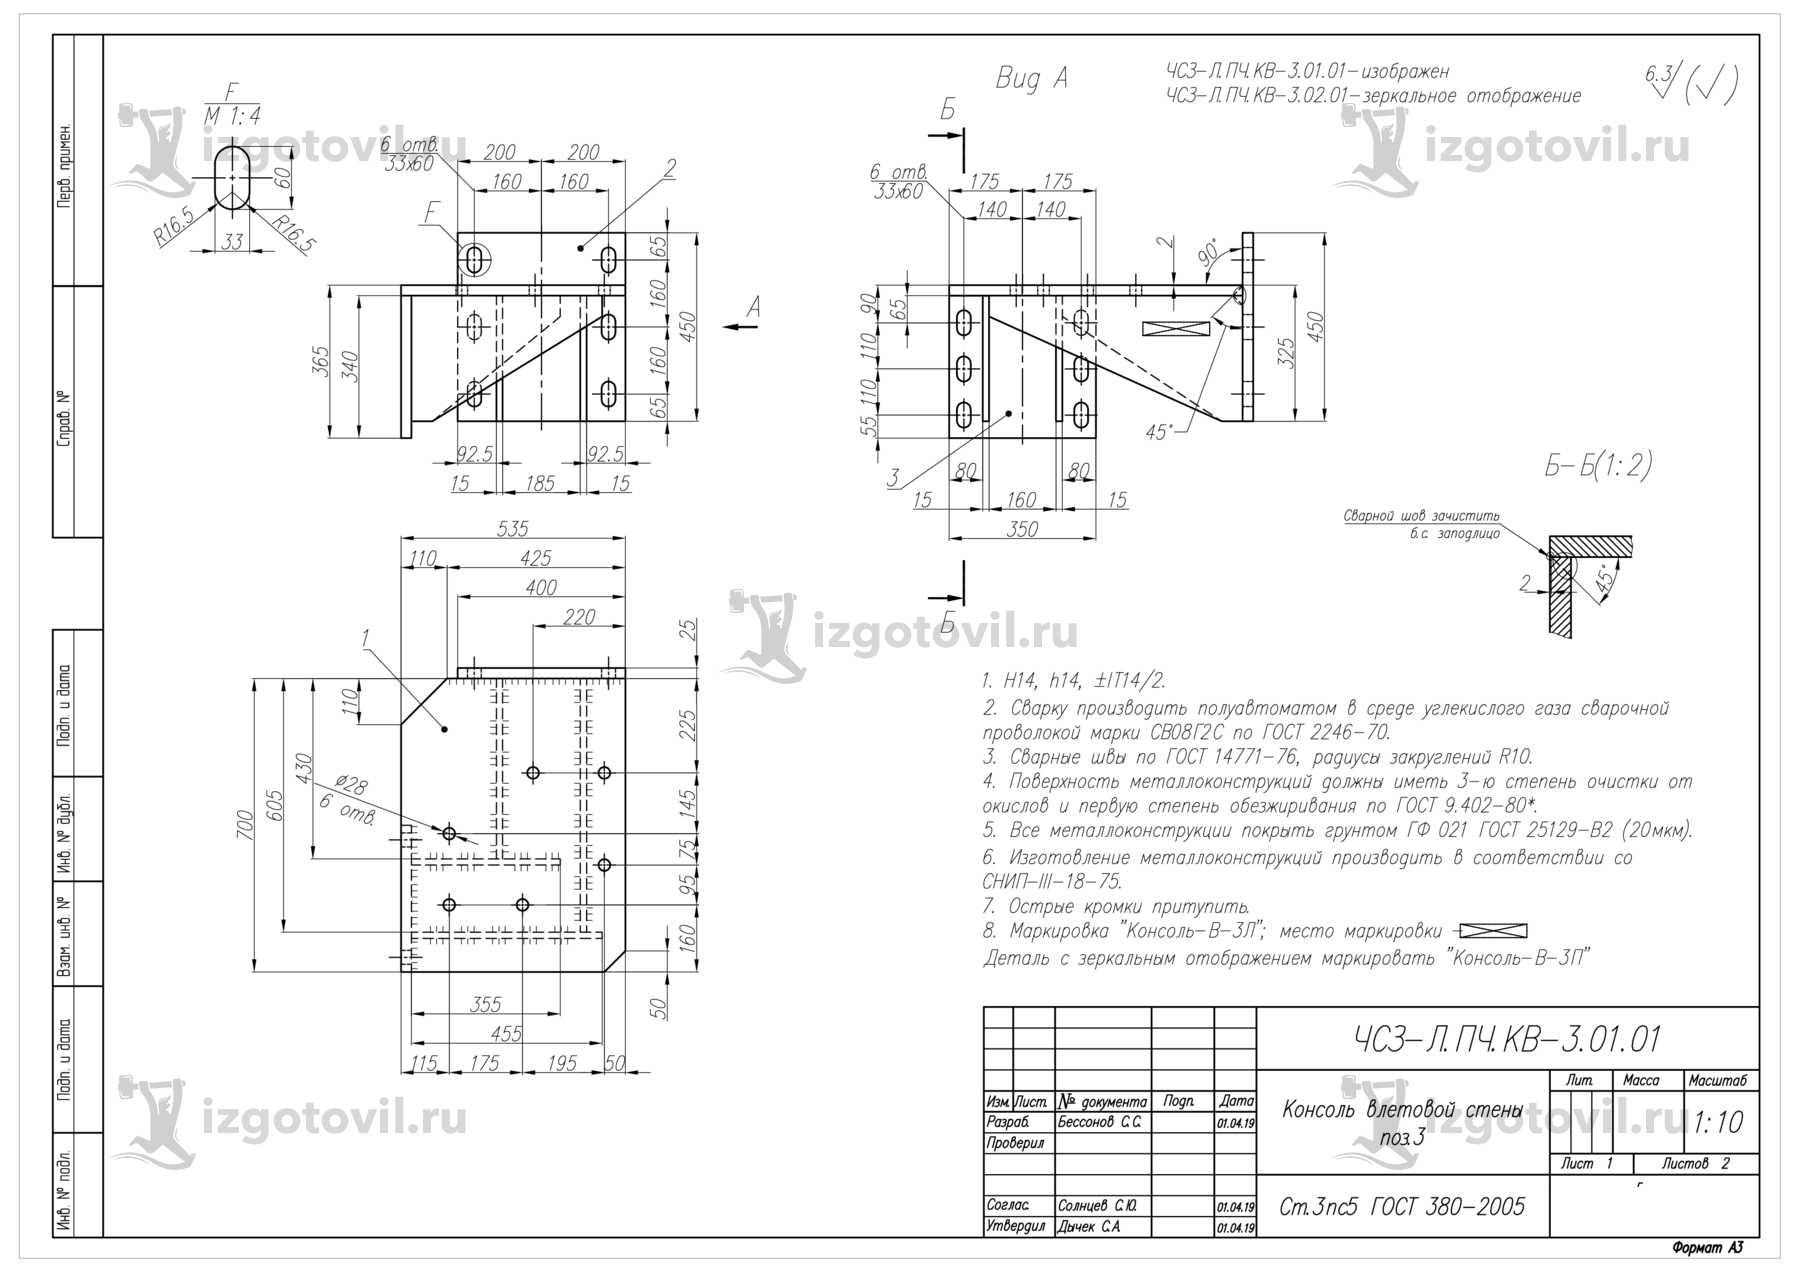 Изготовление деталей оборудования (лафеты и кронштейны для печи№2)